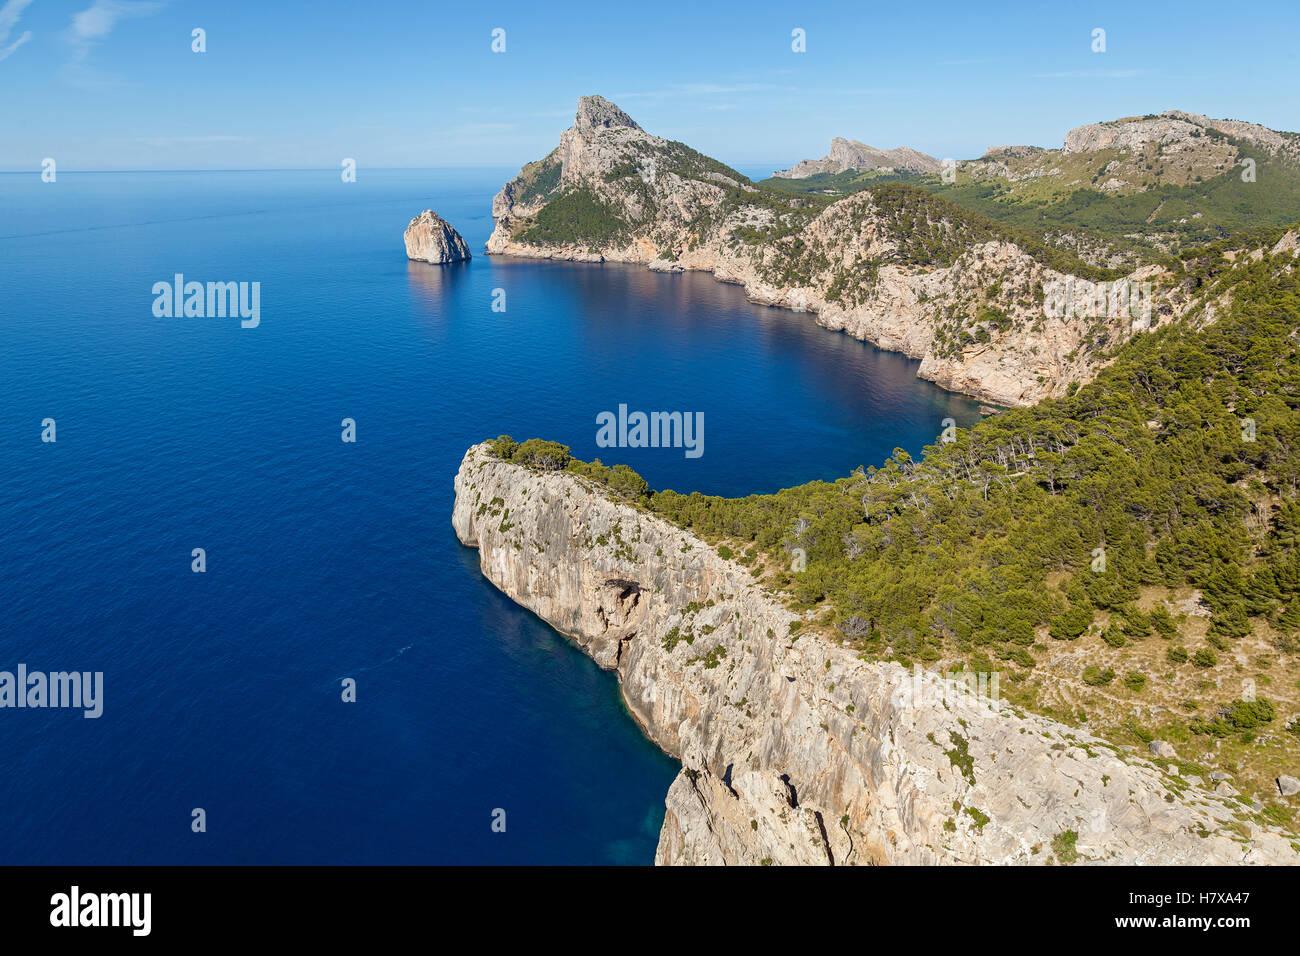 Le Cap Formentor au nord de Majorque, l'une des plus belles îles de l'Espagne. Du cap offre une belle Photo Stock